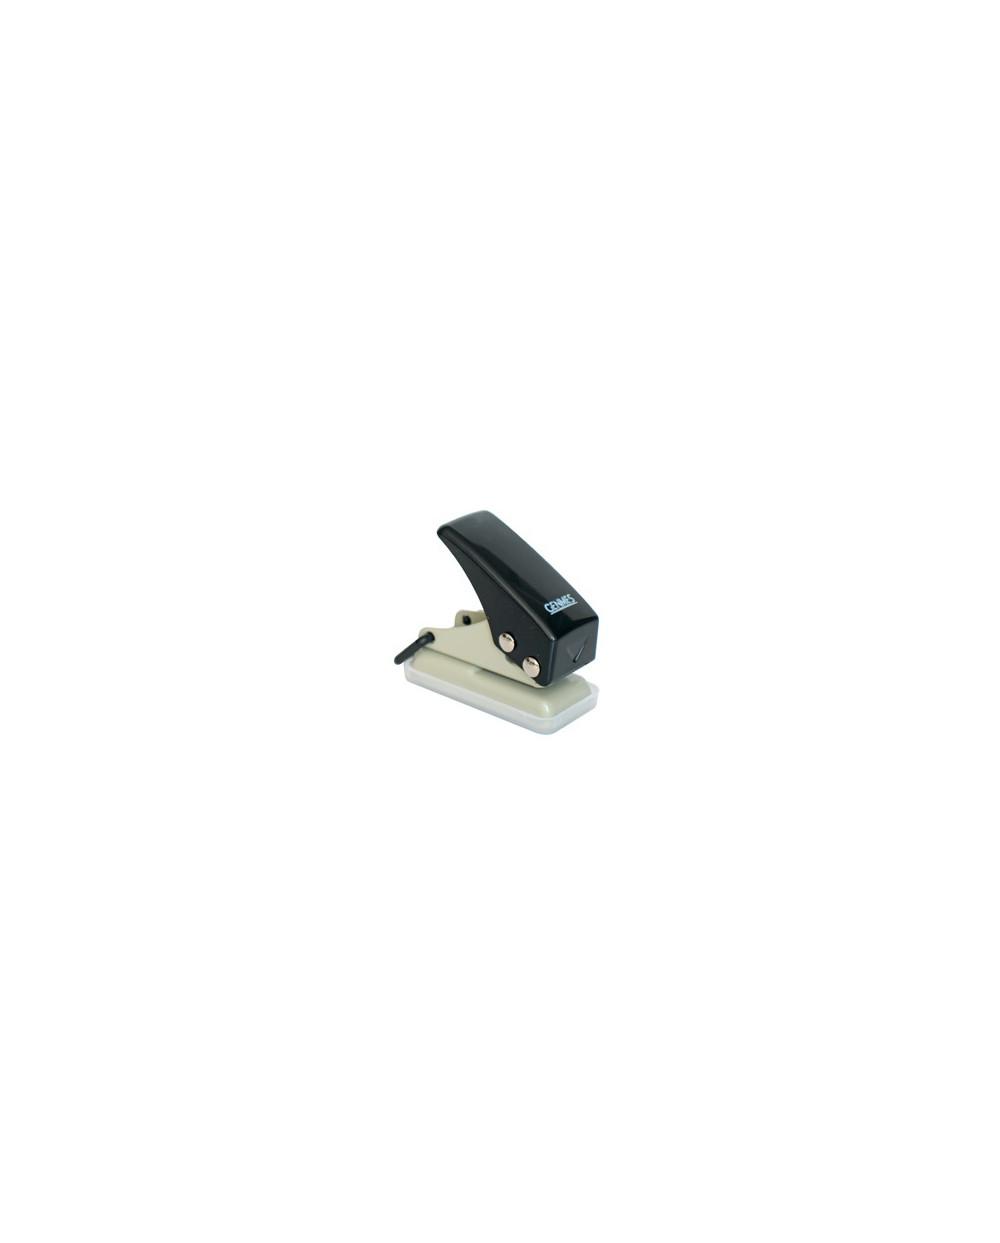 Перфоратор GENMES за един отвор, мини, 6 мм, 10 л.